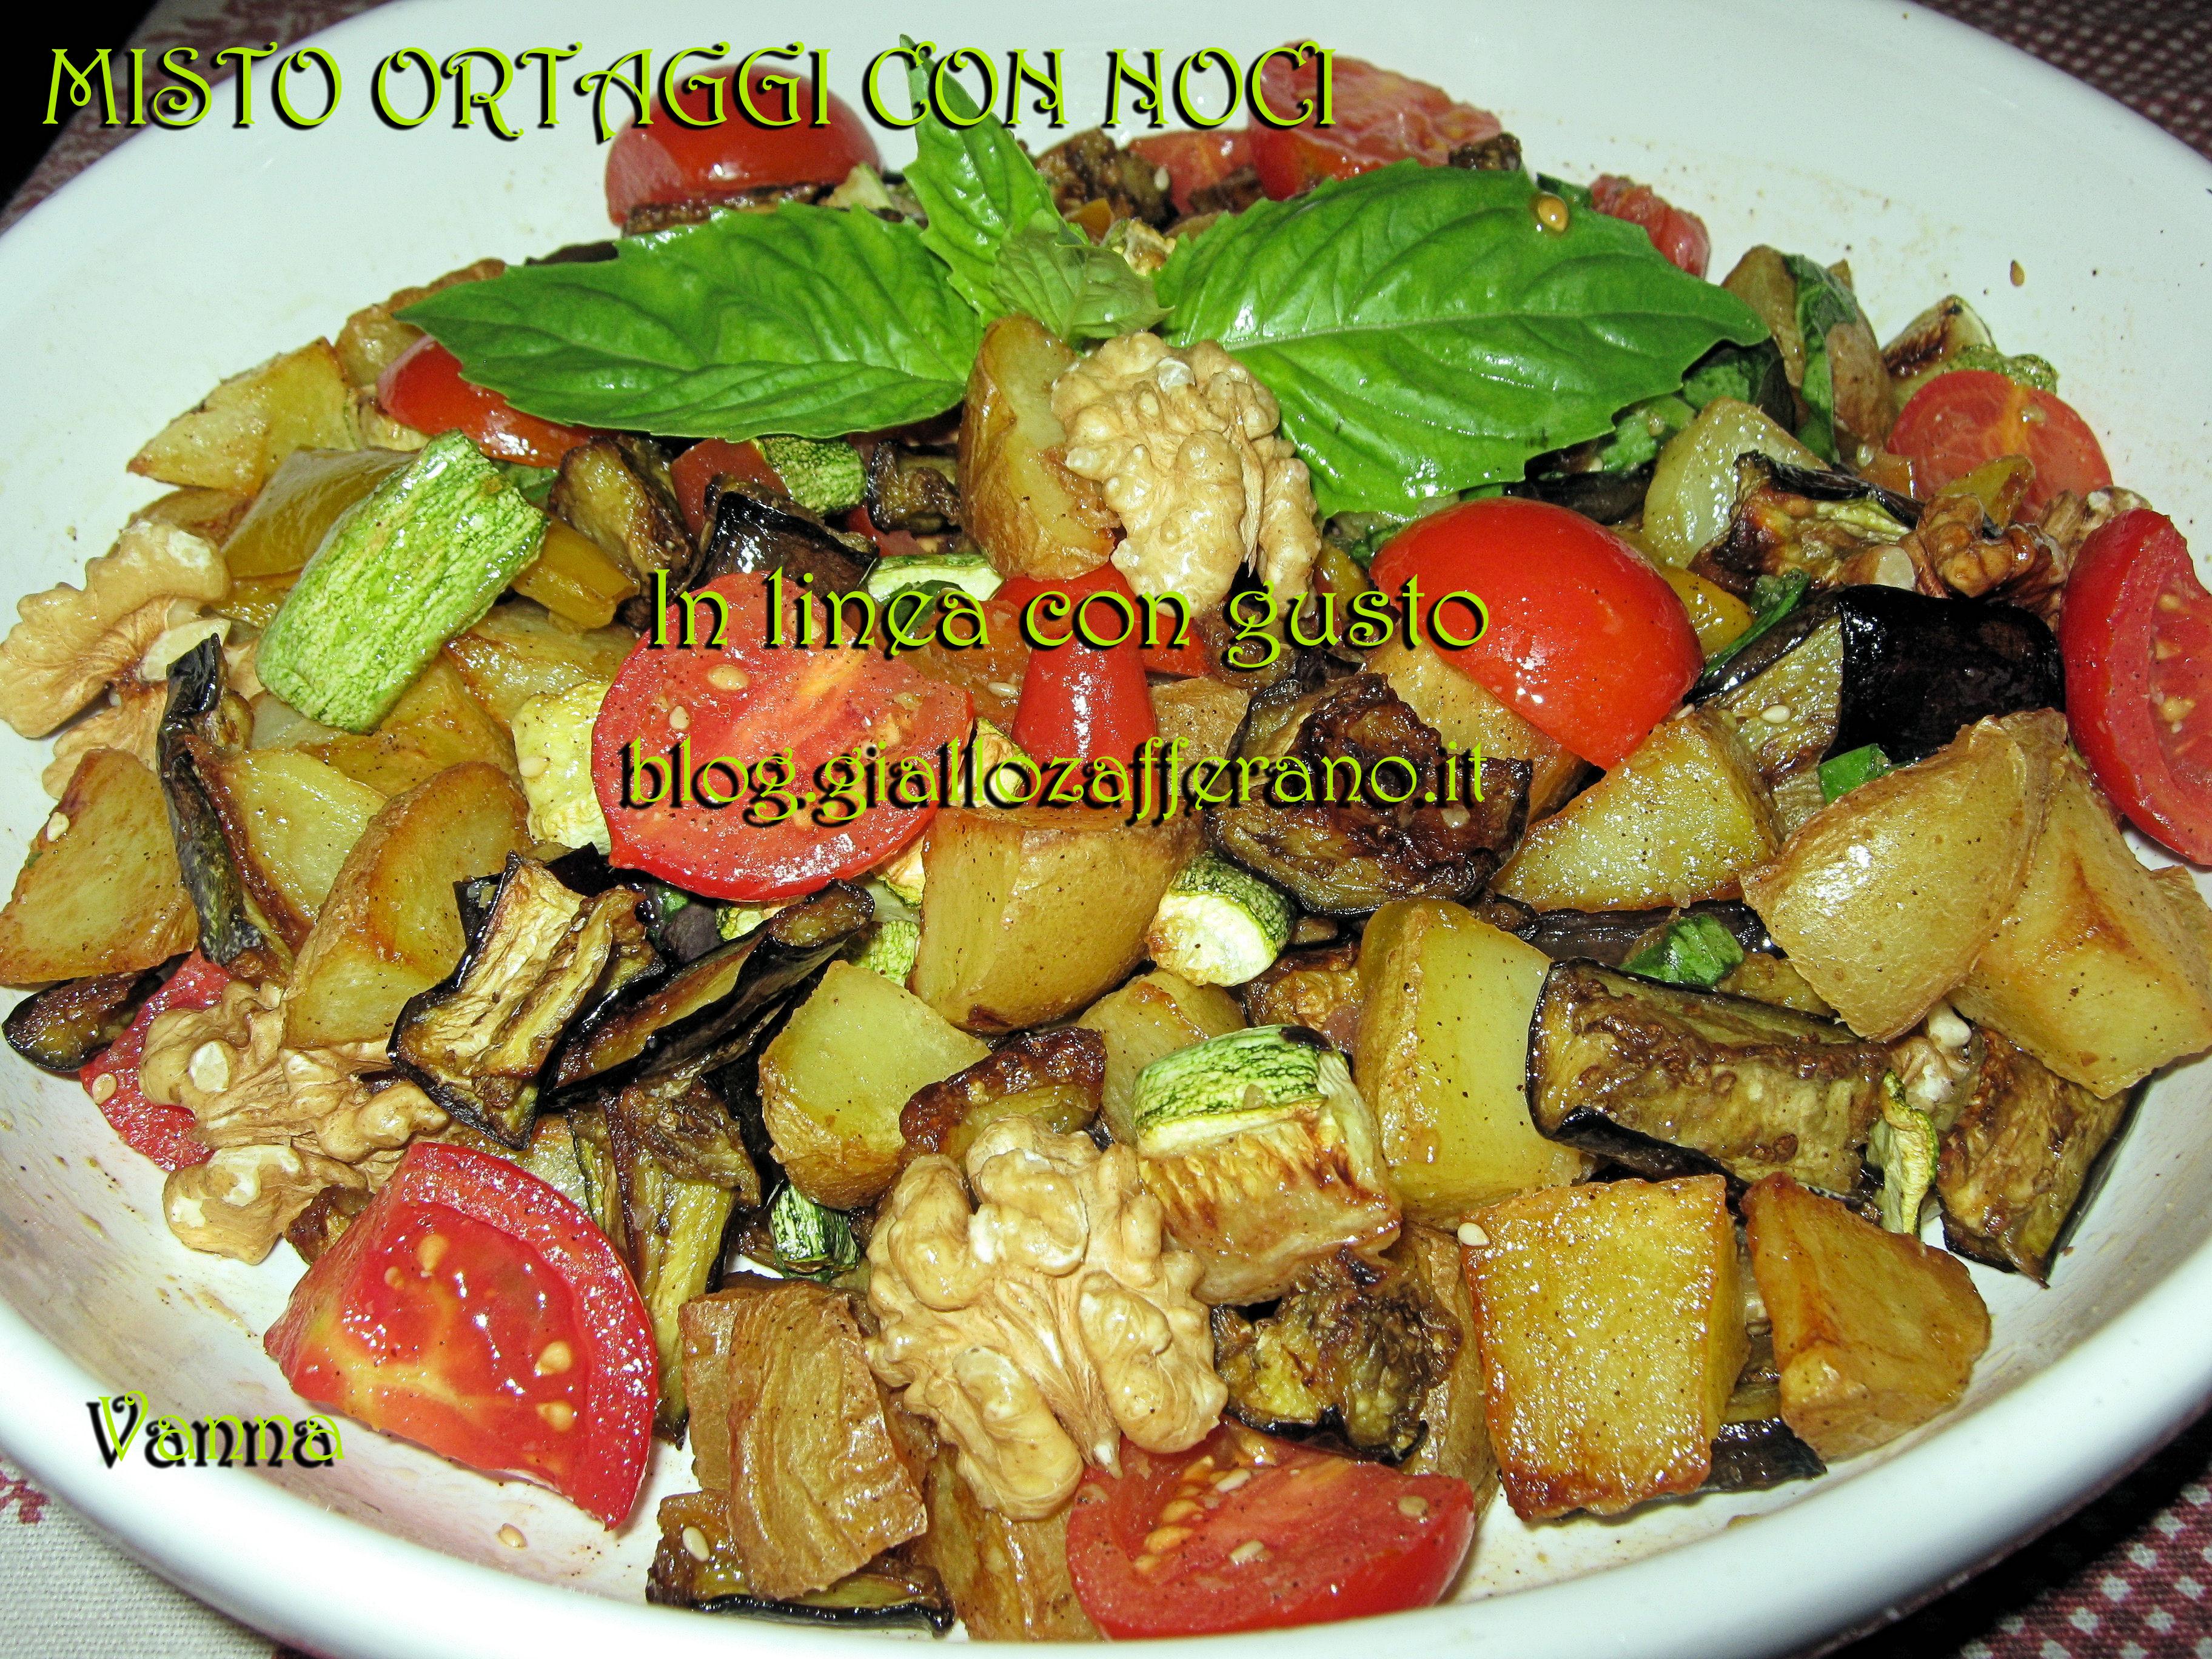 Misto ortaggi con noci in linea con gusto veg ricette for Ortaggi estivi